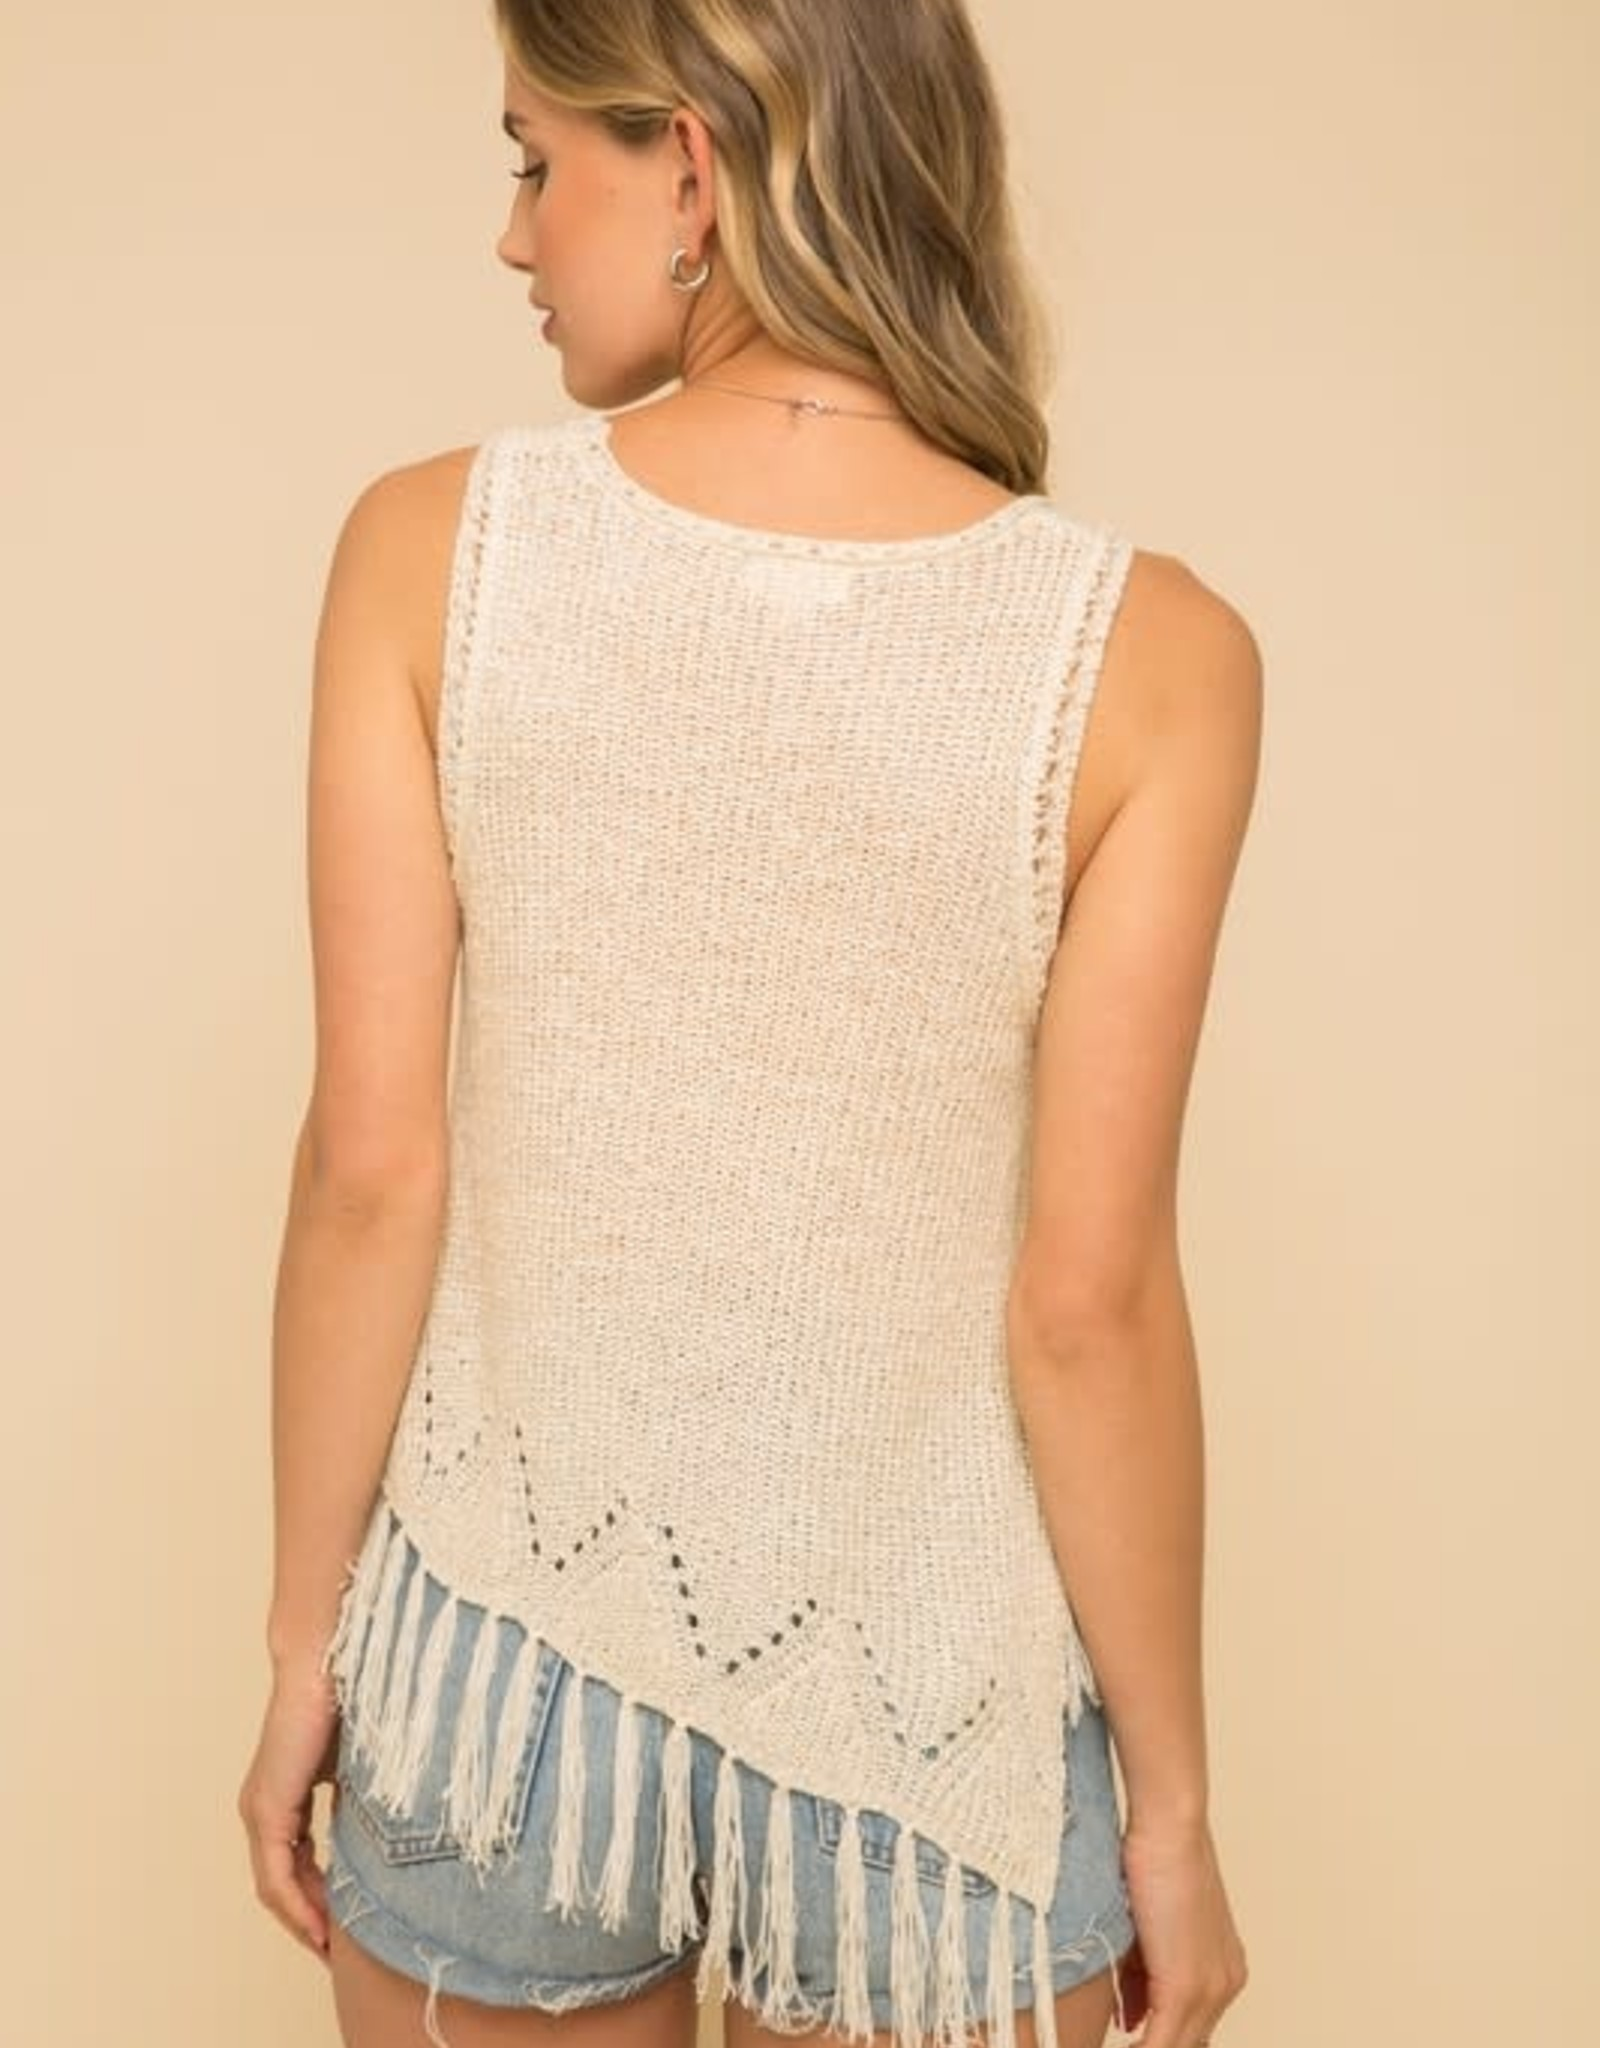 Oleanders Boutique Asymmetrical sweater tank